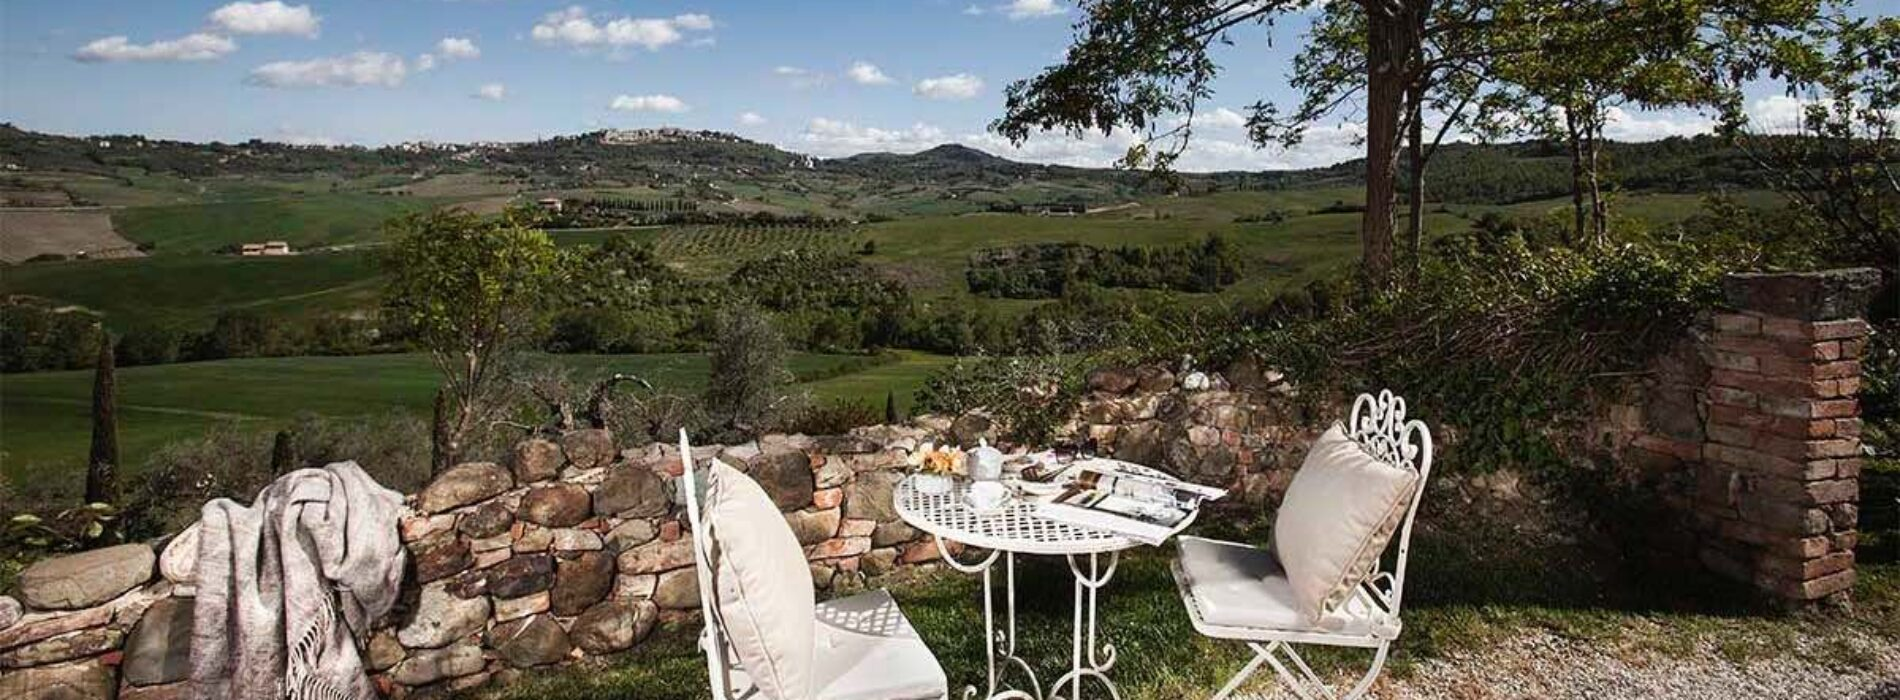 Mangiare e dormire in provincia di Siena: vivere la Toscana tra prodotti locali, cantine e ospitalità